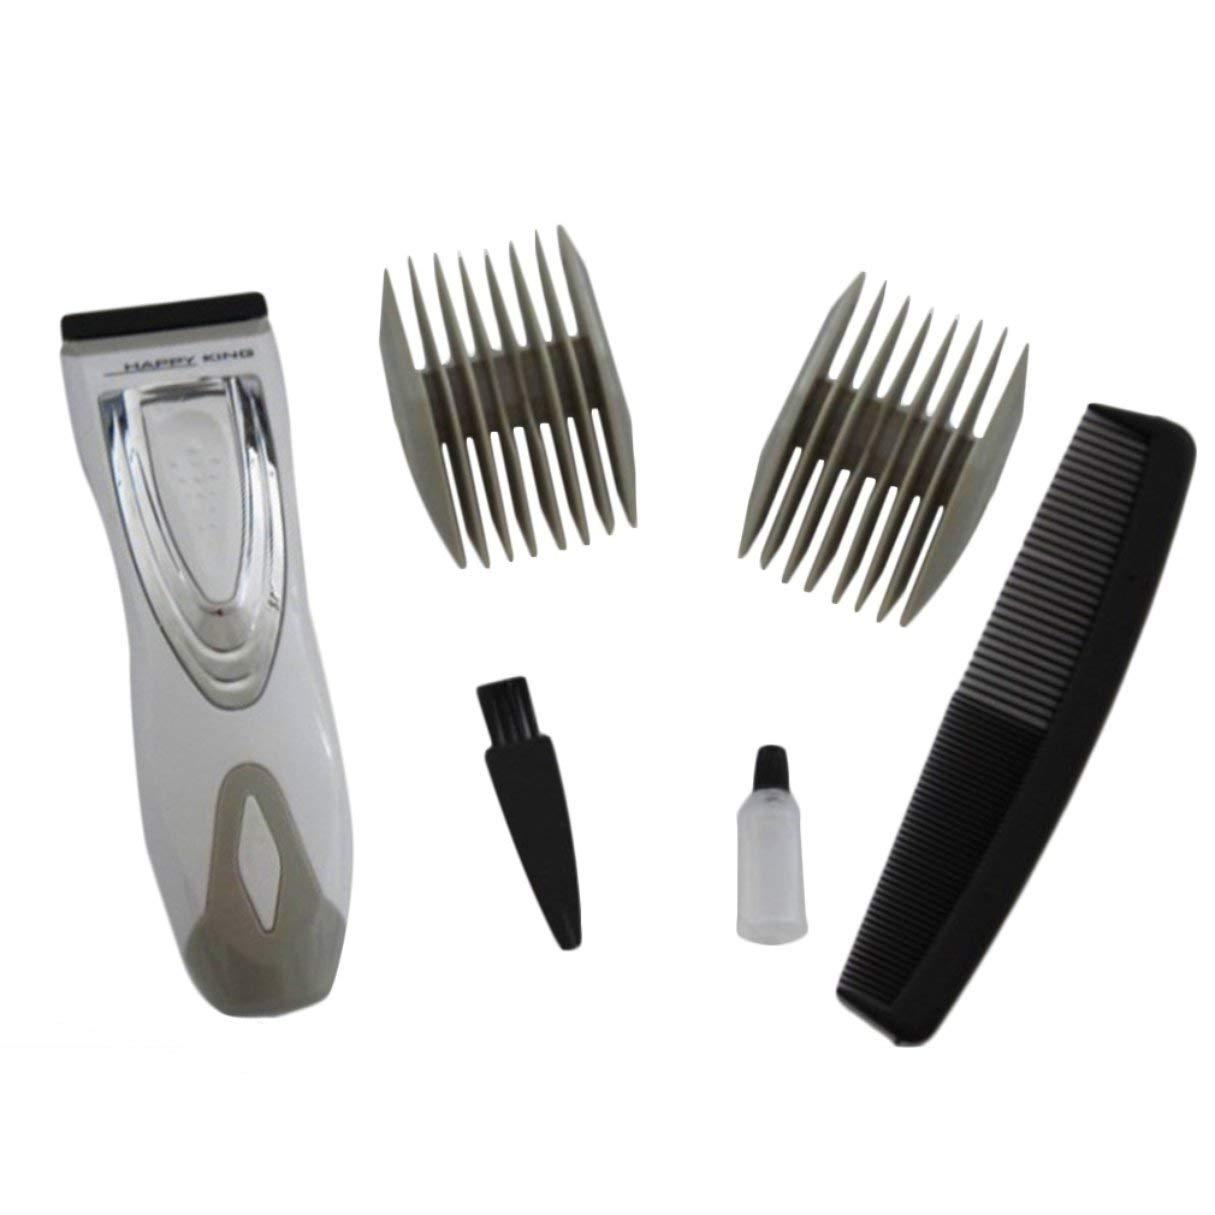 Podadora de cabello eléctrica, máquina de afeitar eléctrica de barba de afeitar, maquinilla de afeitar, peinadora corporal, depilación eléctrica, batería práctica, para barba de pelo Moustacheand Wafalano